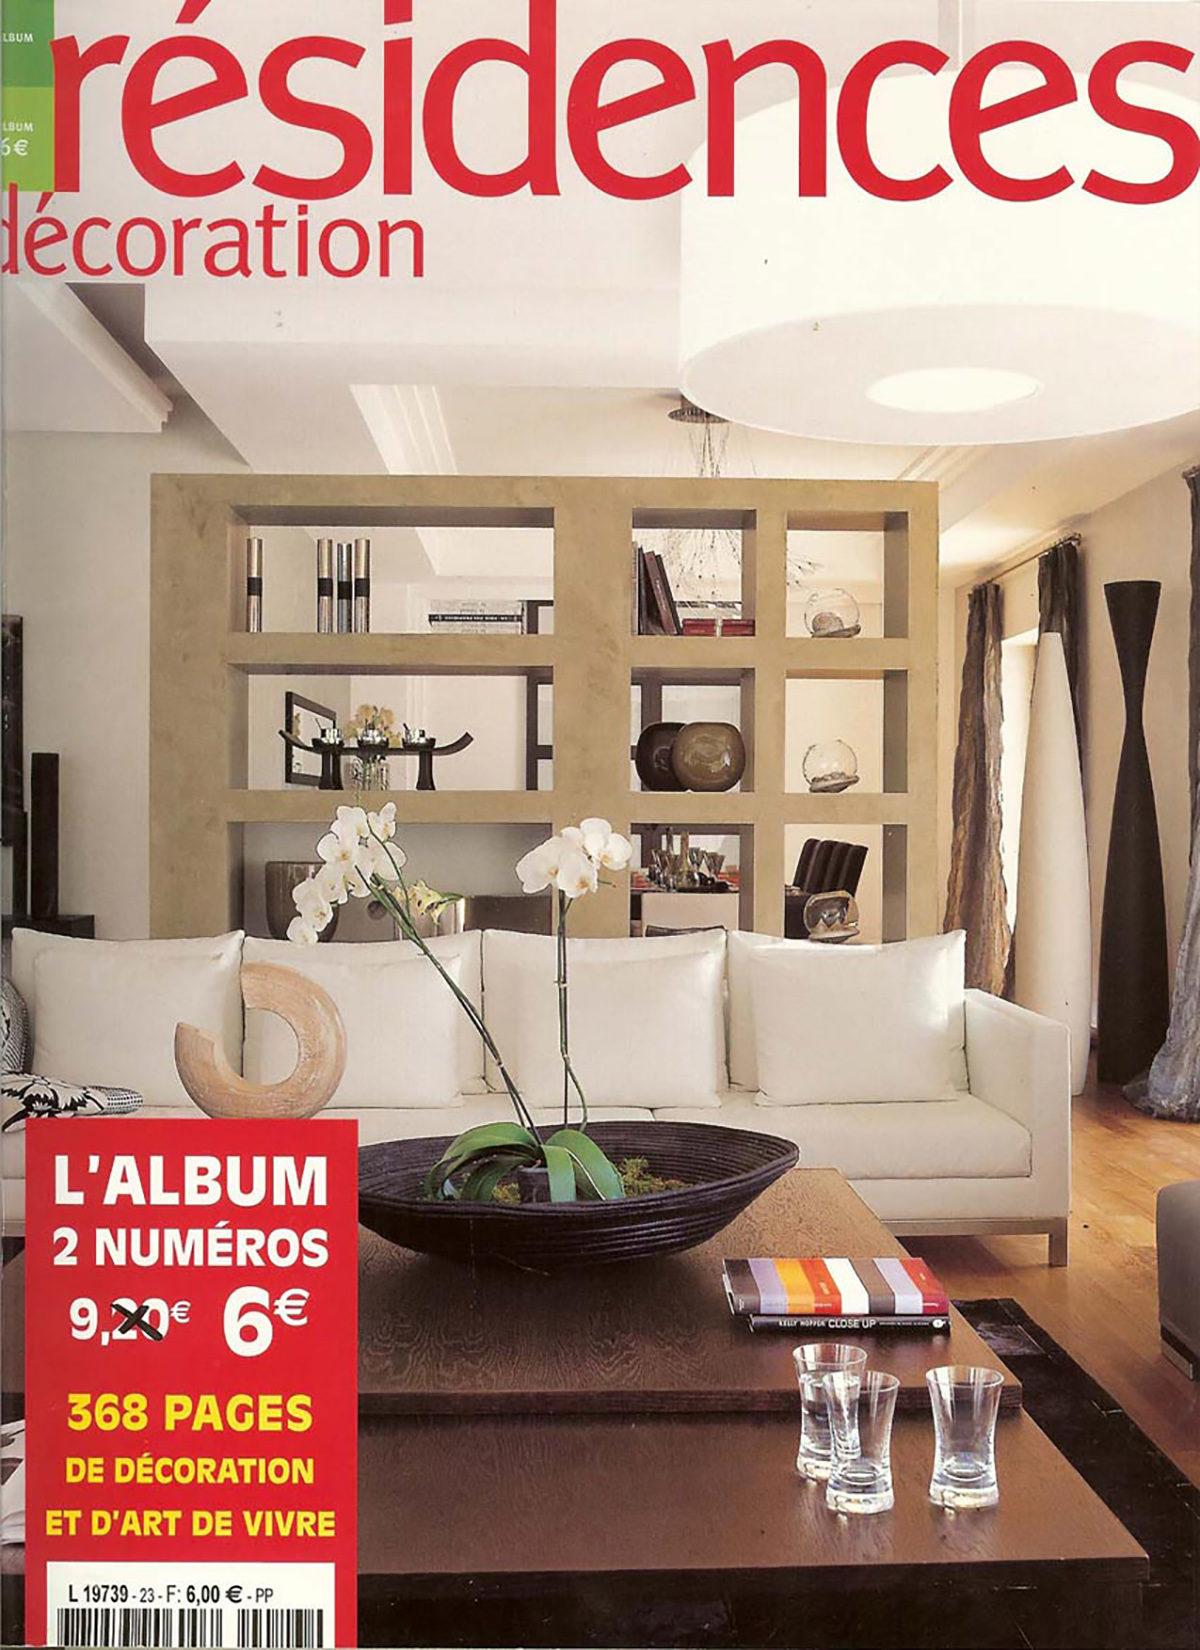 Parution presse RÉSIDENCES DÉCORATION 2004 Claude Cartier décoration architecte d'intérieur à Lyon.